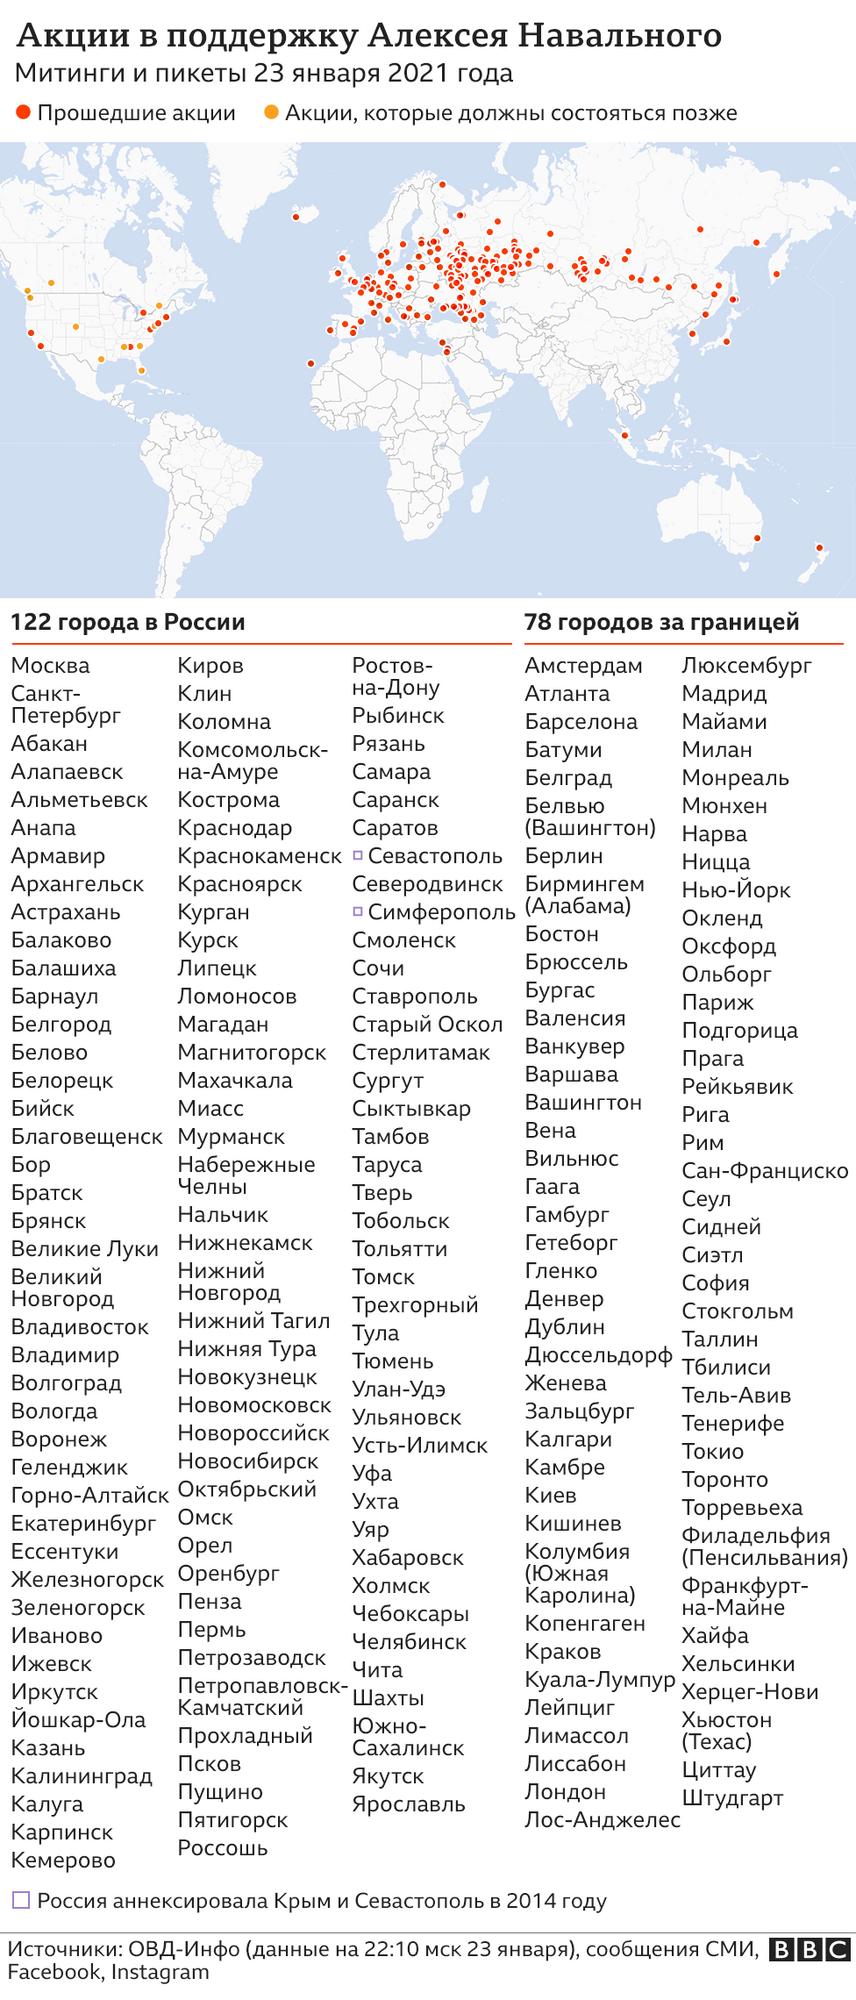 """В России Симферополь и Севастополь внесли в список """"российских городов""""."""